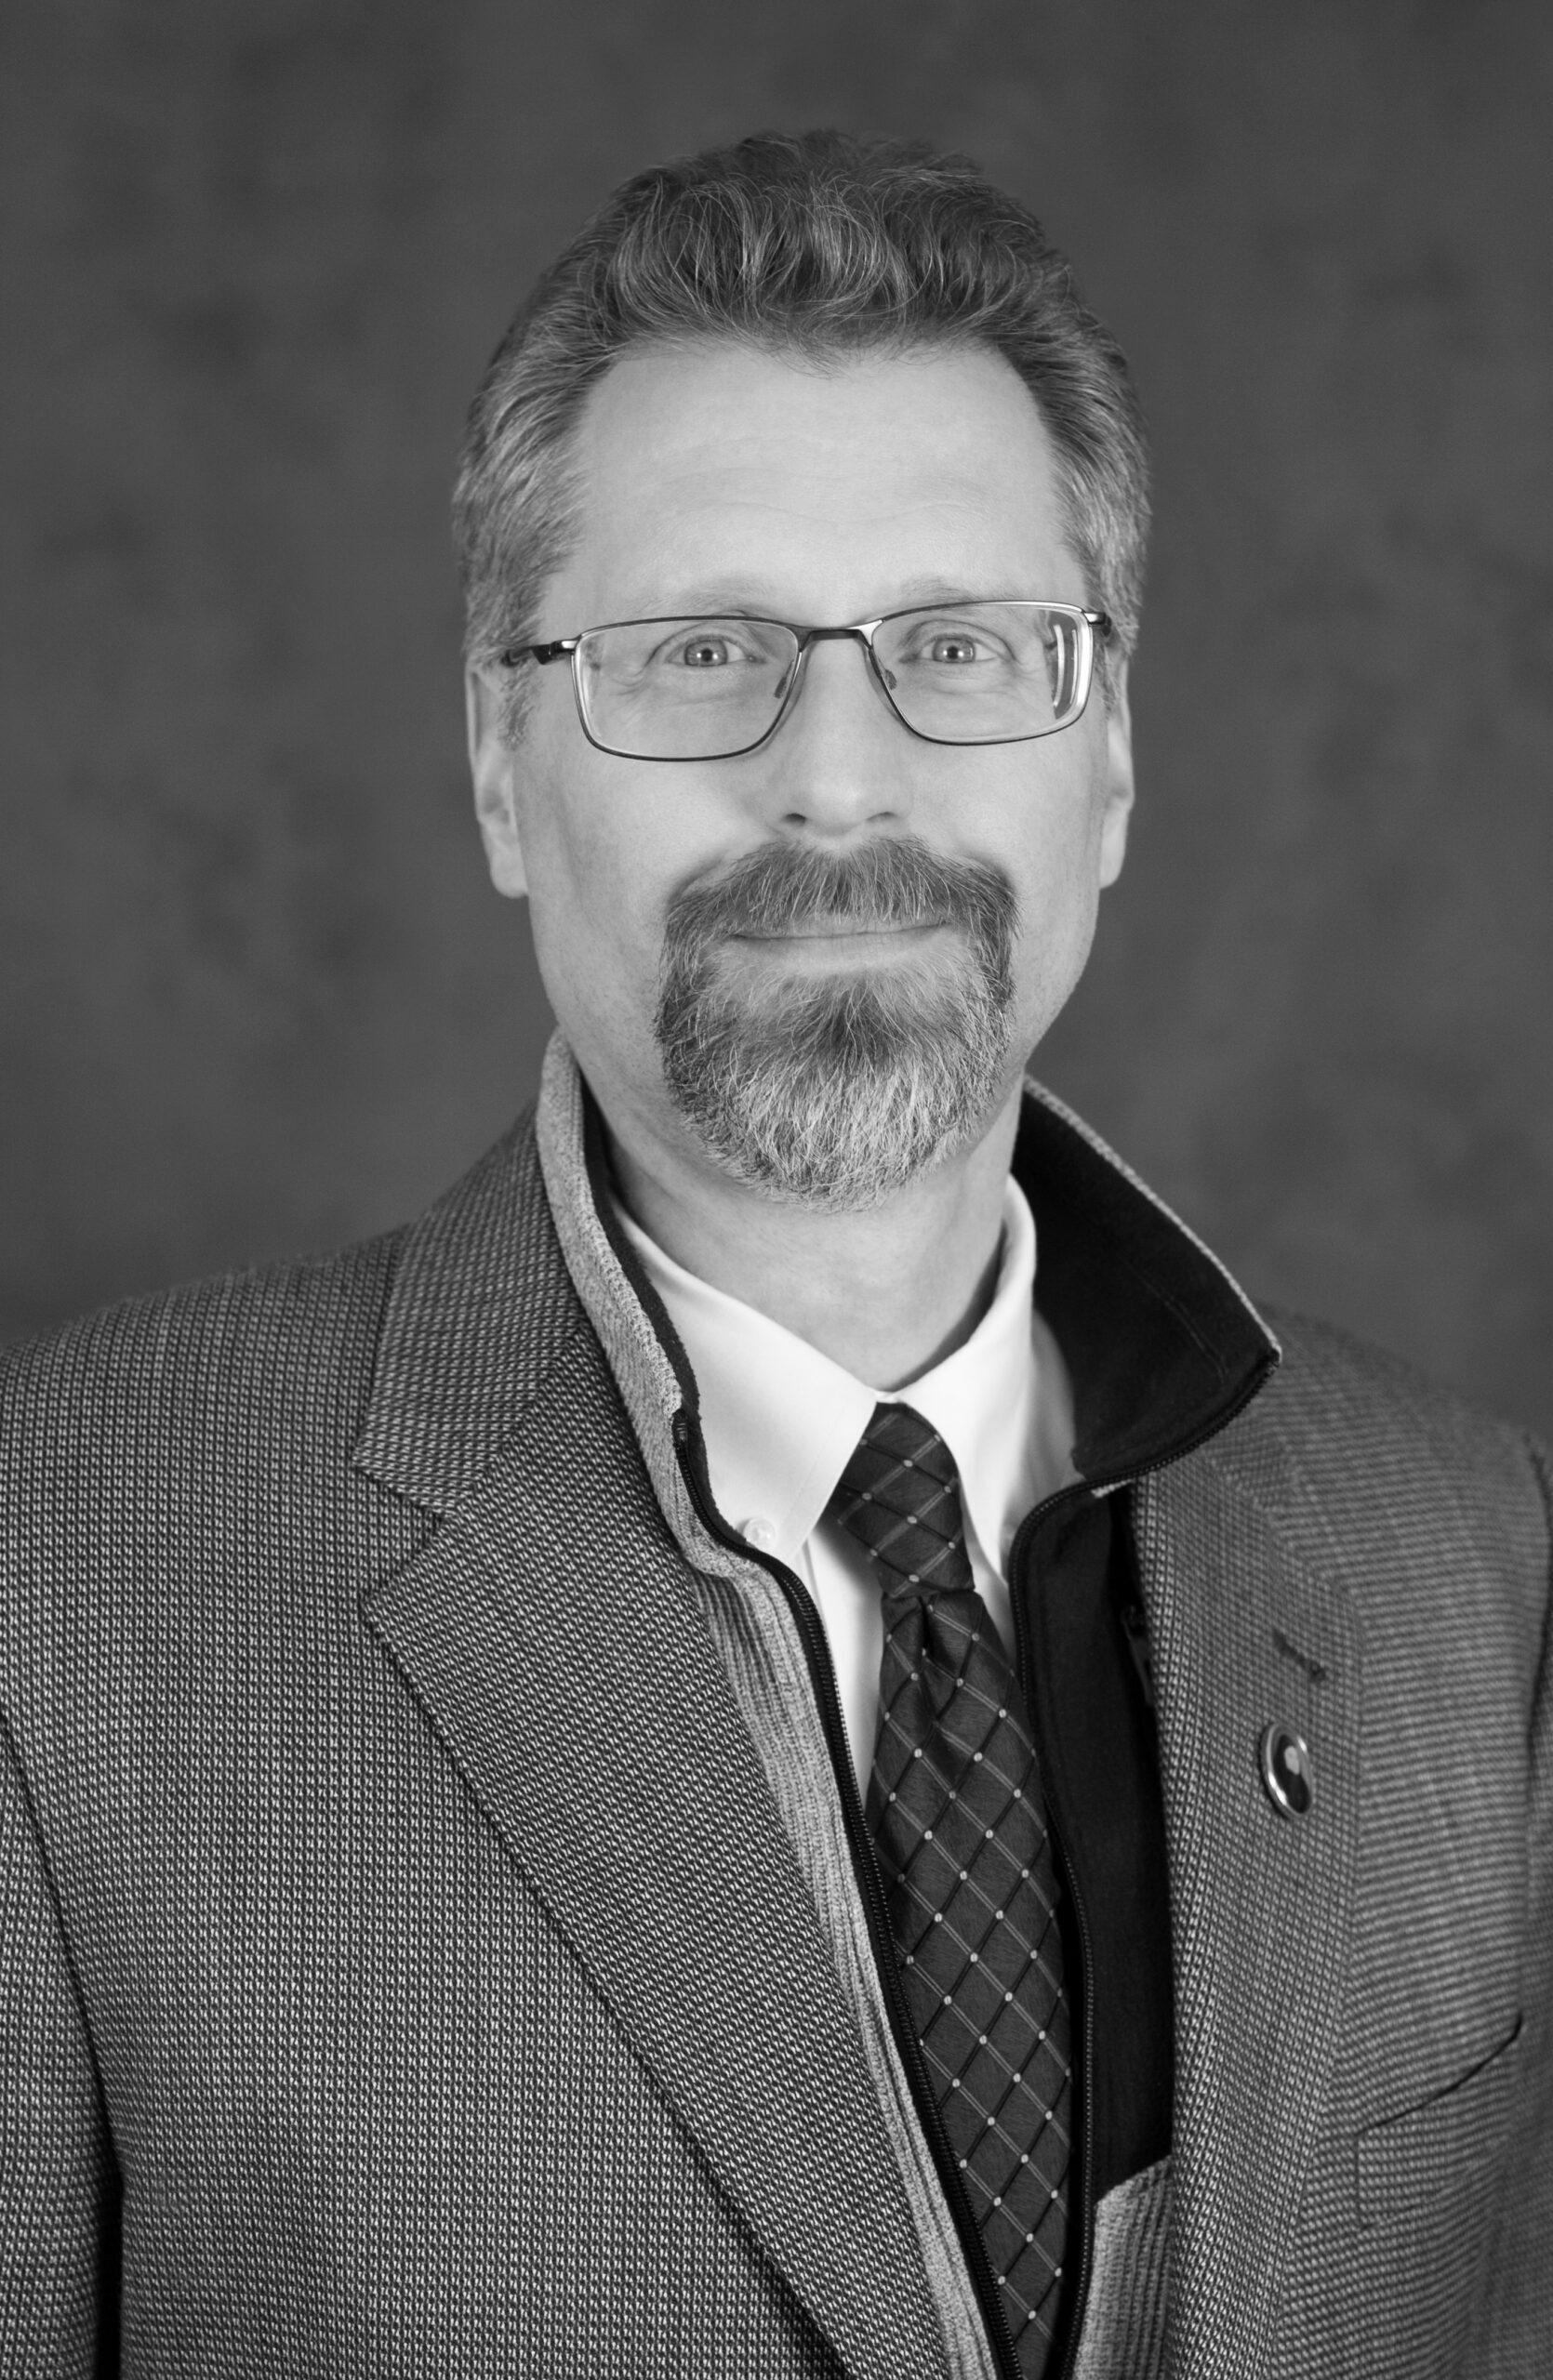 Terry Schweizer